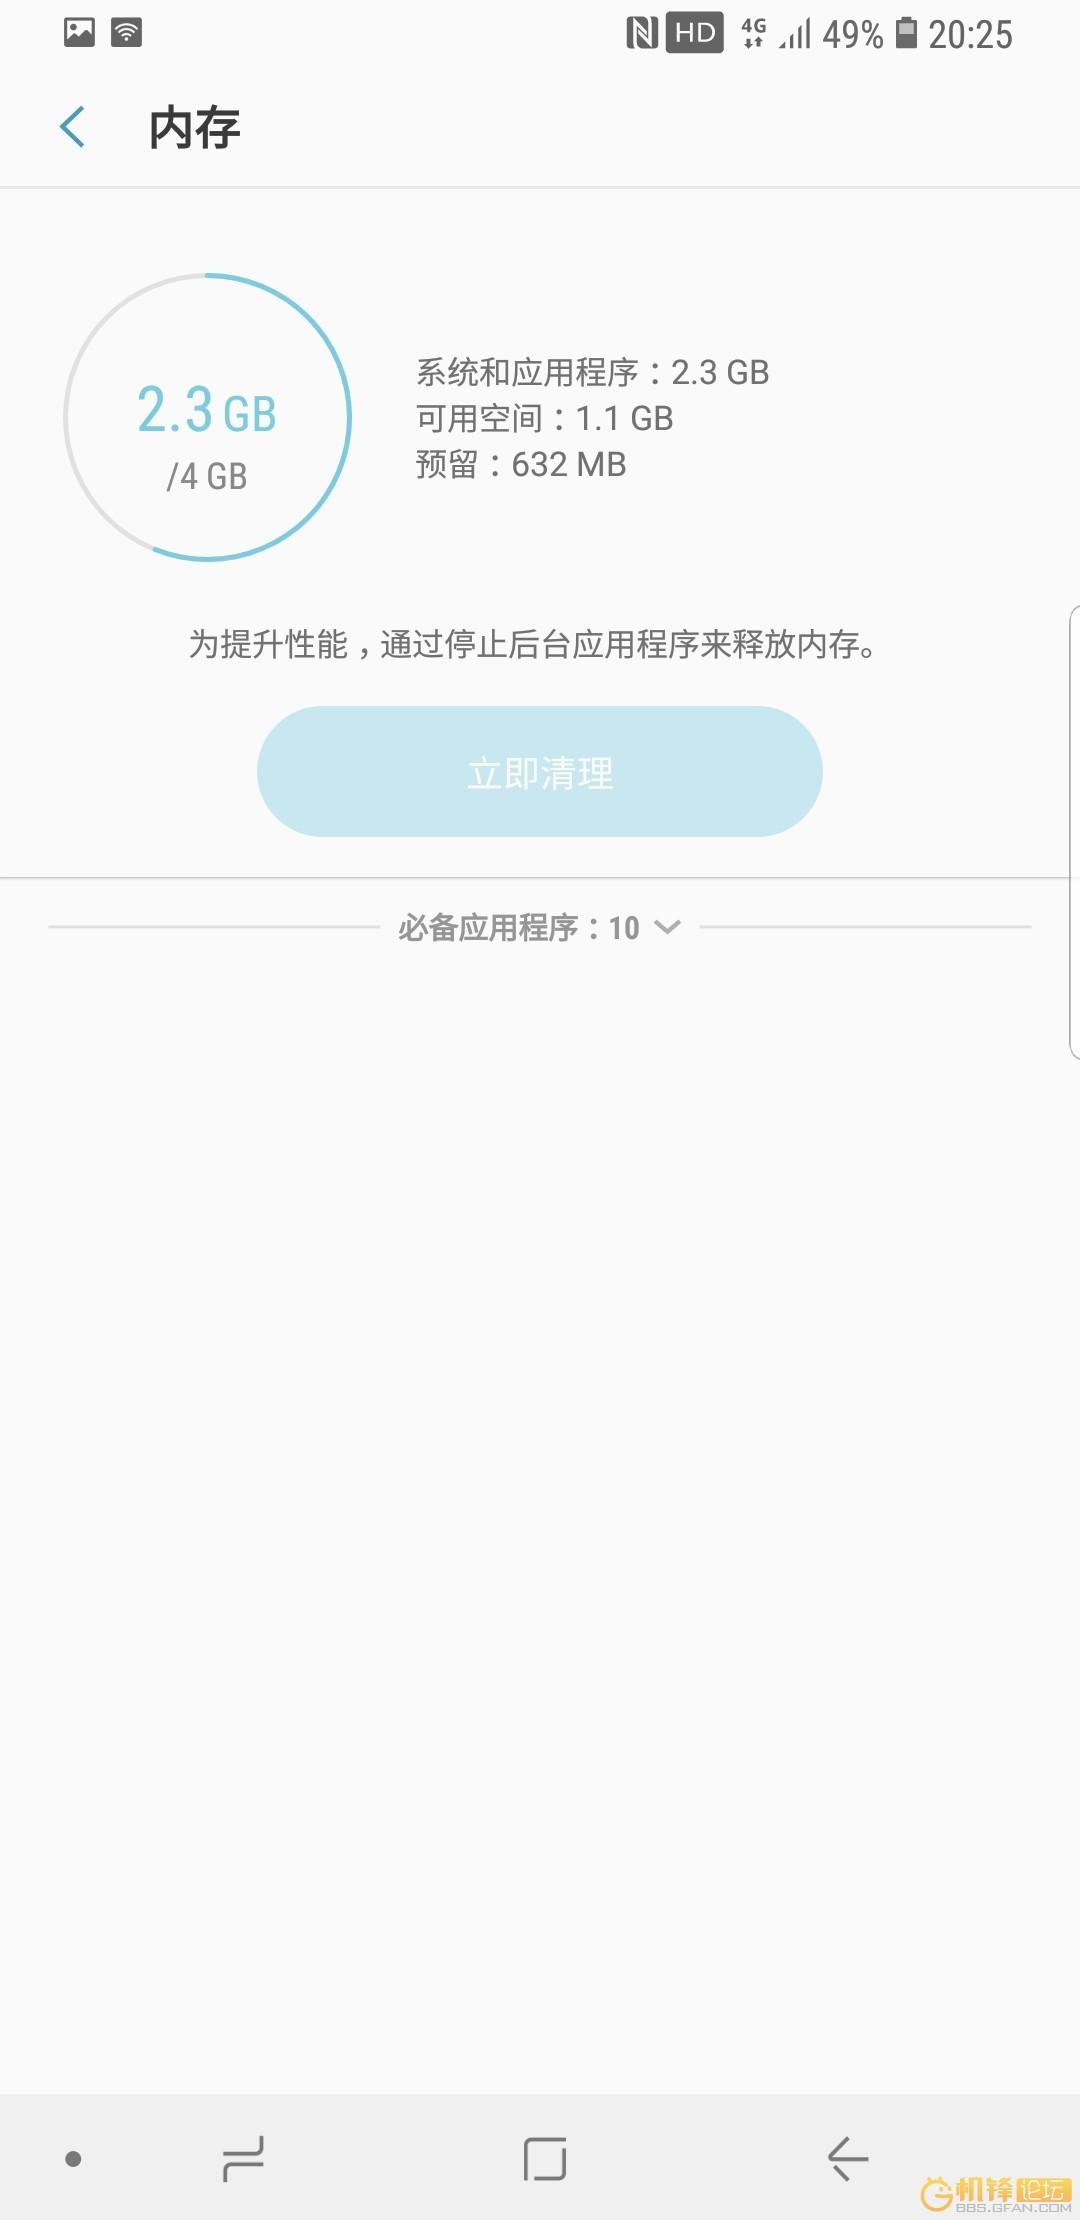 Screenshot_Smart Manager_20171225-202507.jpg